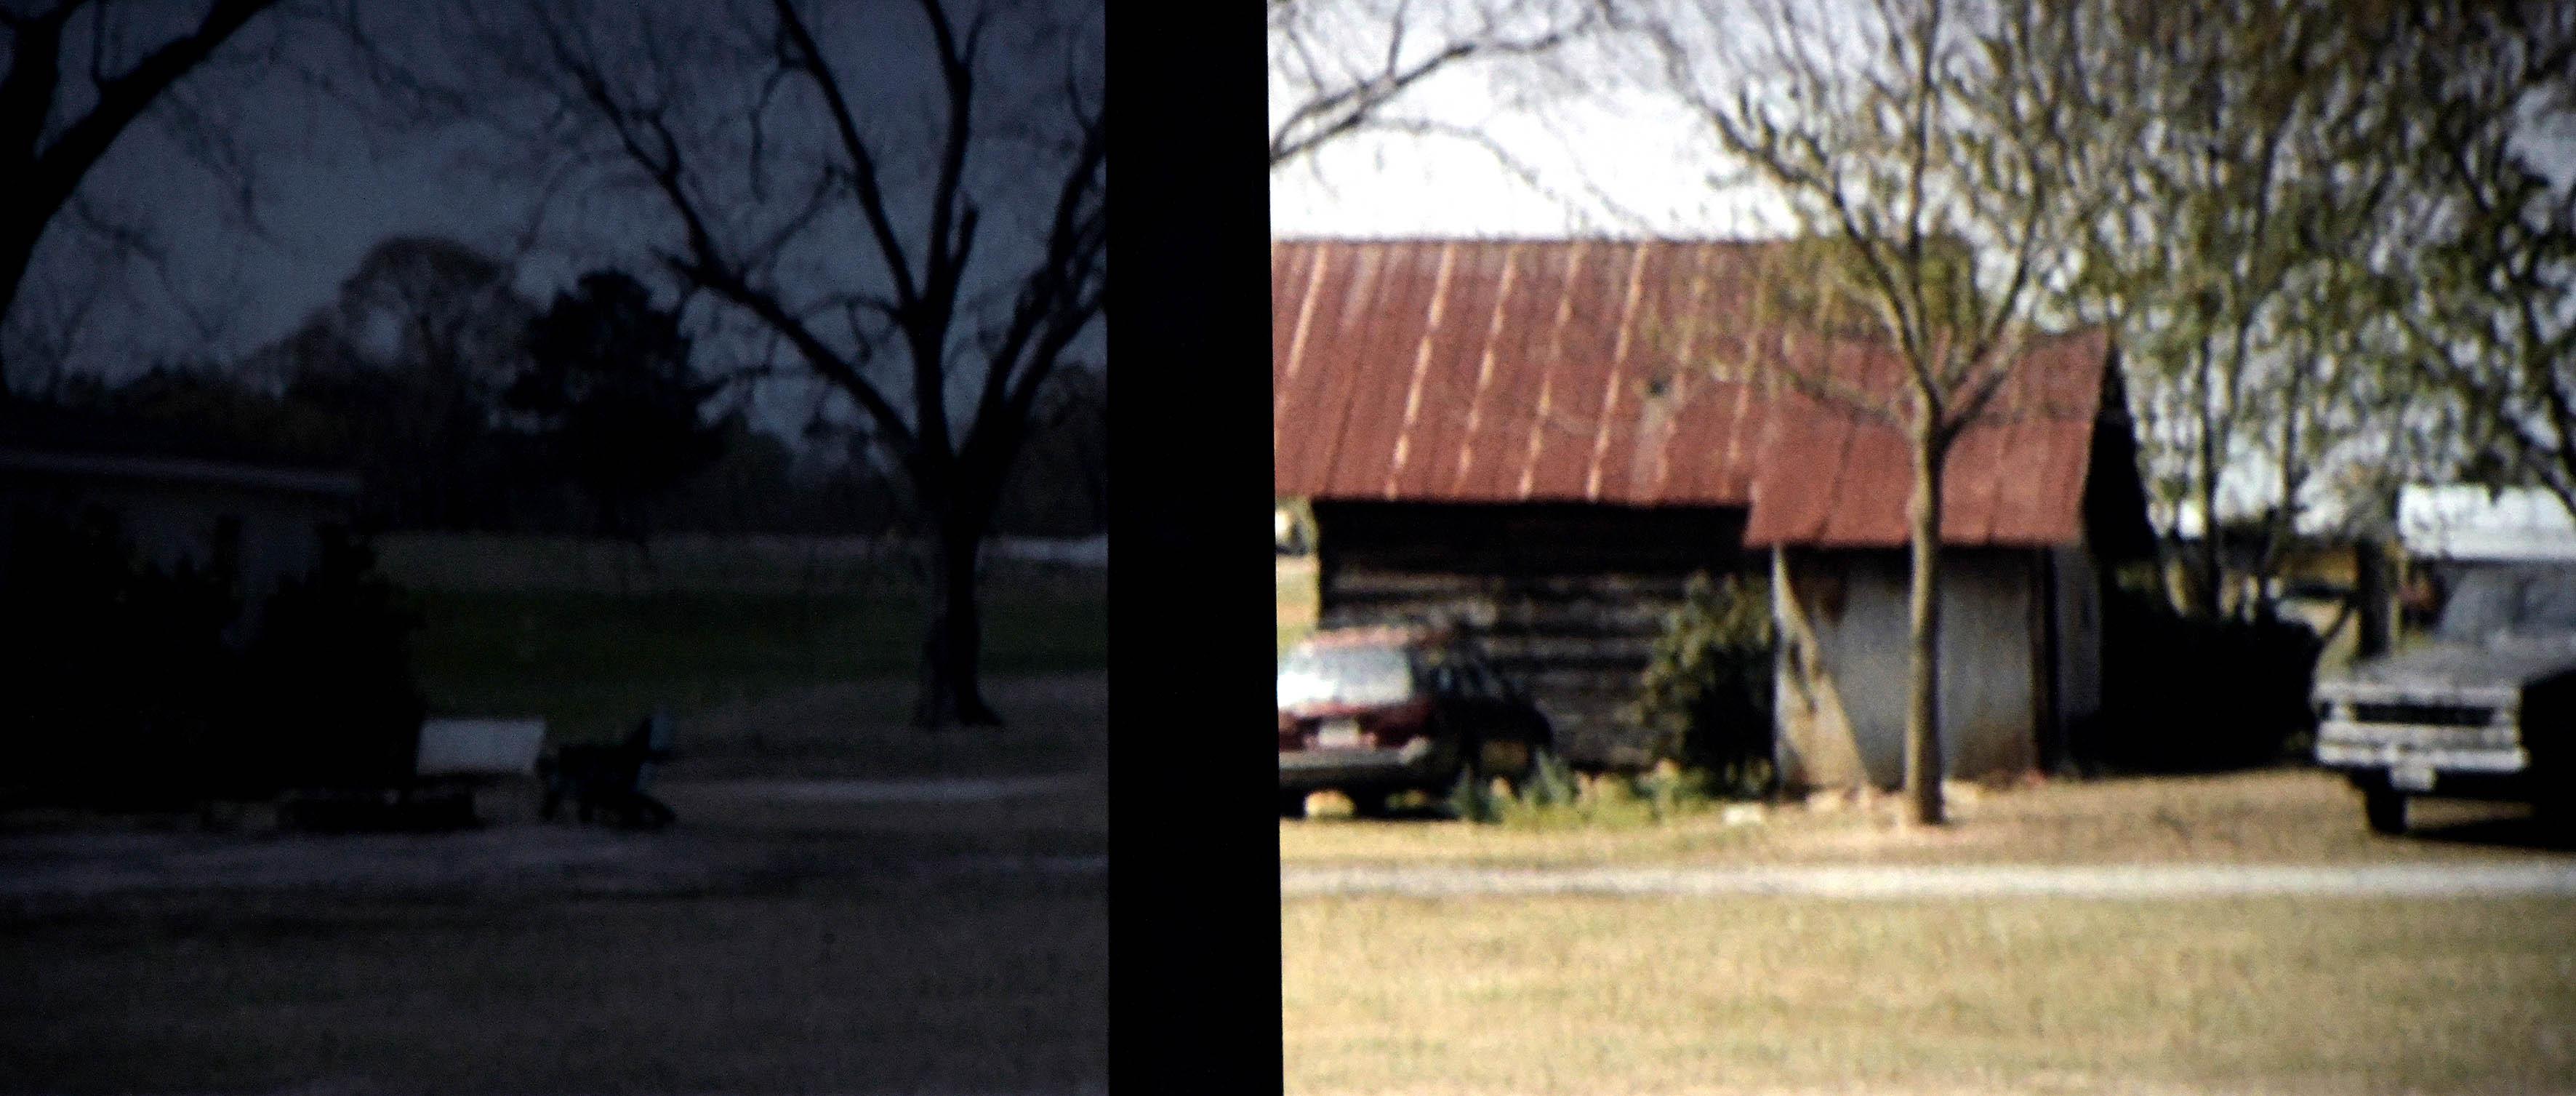 Links die Spalluto WS S CinemaFrame Ambient HC. Rechts eine standardweiße Gain-1,0-Leinwand. Während auf der standardweißen Gain-1,0-Leinwand (rechts) mit der original JVC-3D-Brille das Bild farbenfroh und hell dargestellt wird, nimmt mit derselben 3D-Brille auf der CinemaFrame Ambient HC die Leuchtdichte massiv ab, so dass kaum noch etwas vom Film erkennbar ist. Foto: Michael B. Rehders